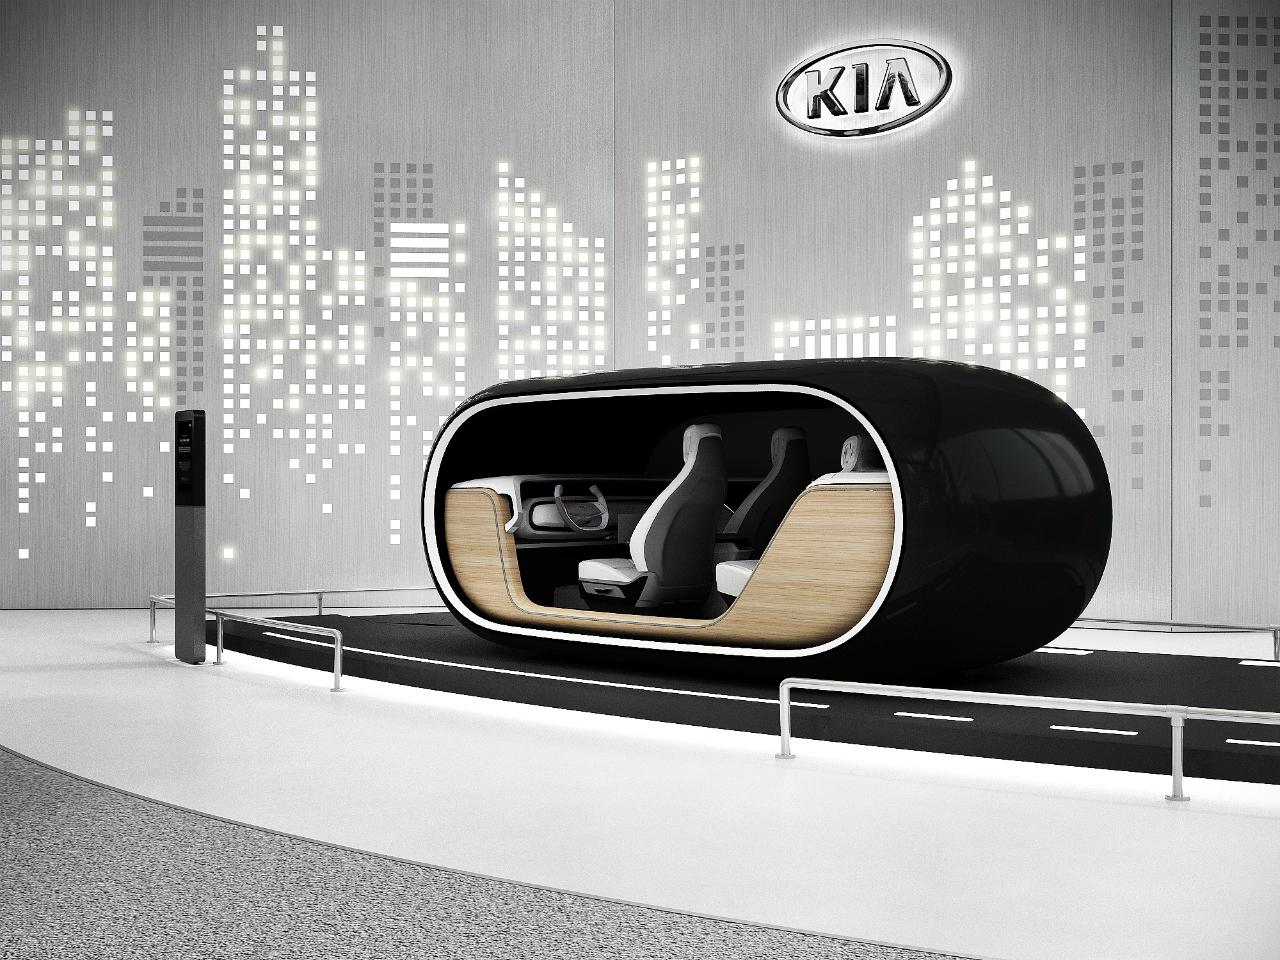 Kia 2019 CES